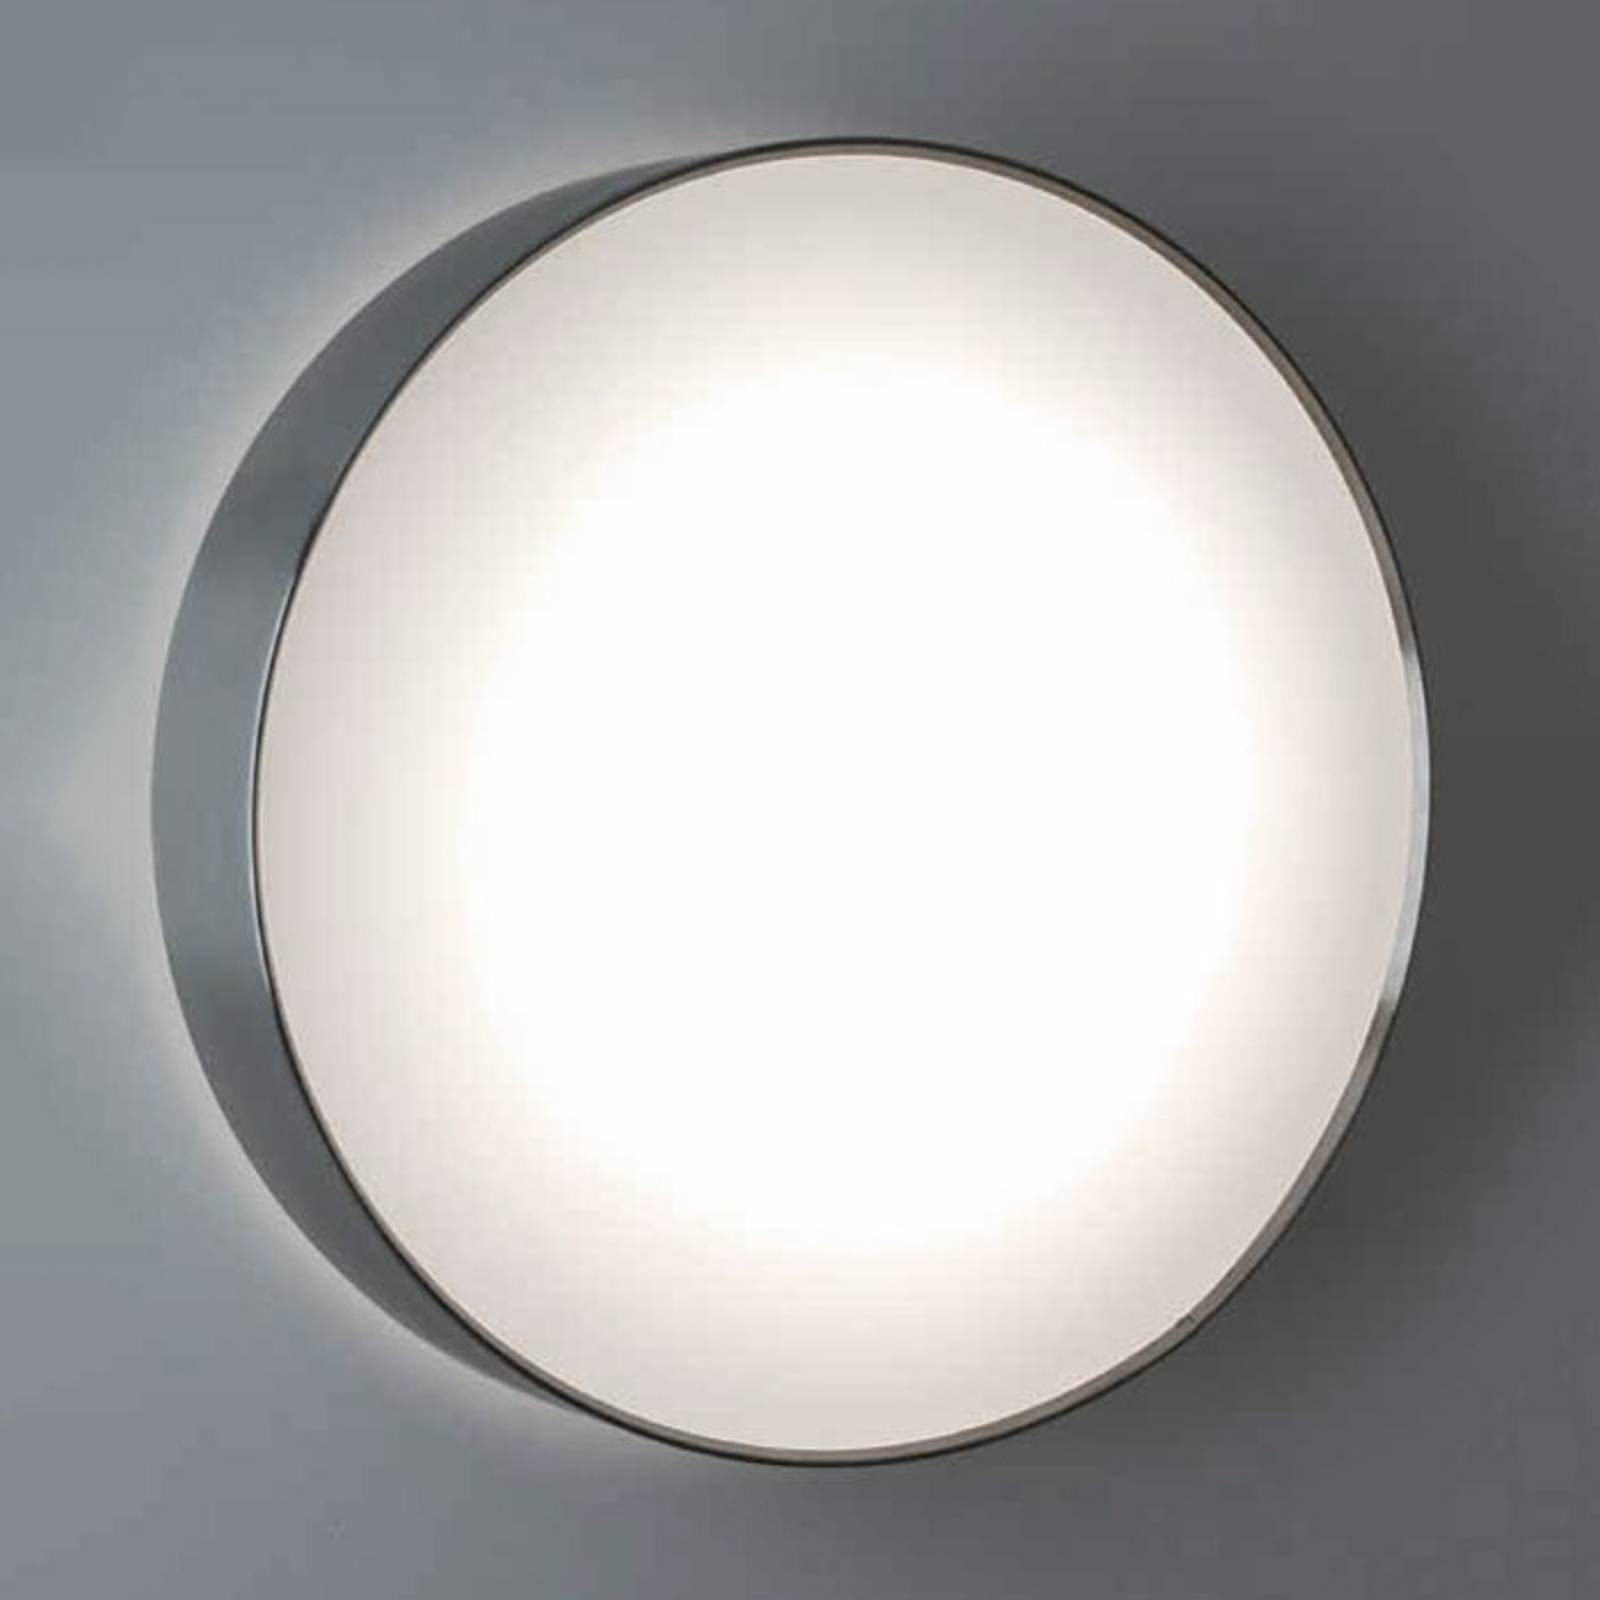 Bilde av Sun 4 Led-taklampe I Rustfritt Stål M. 13 W Og 4 K